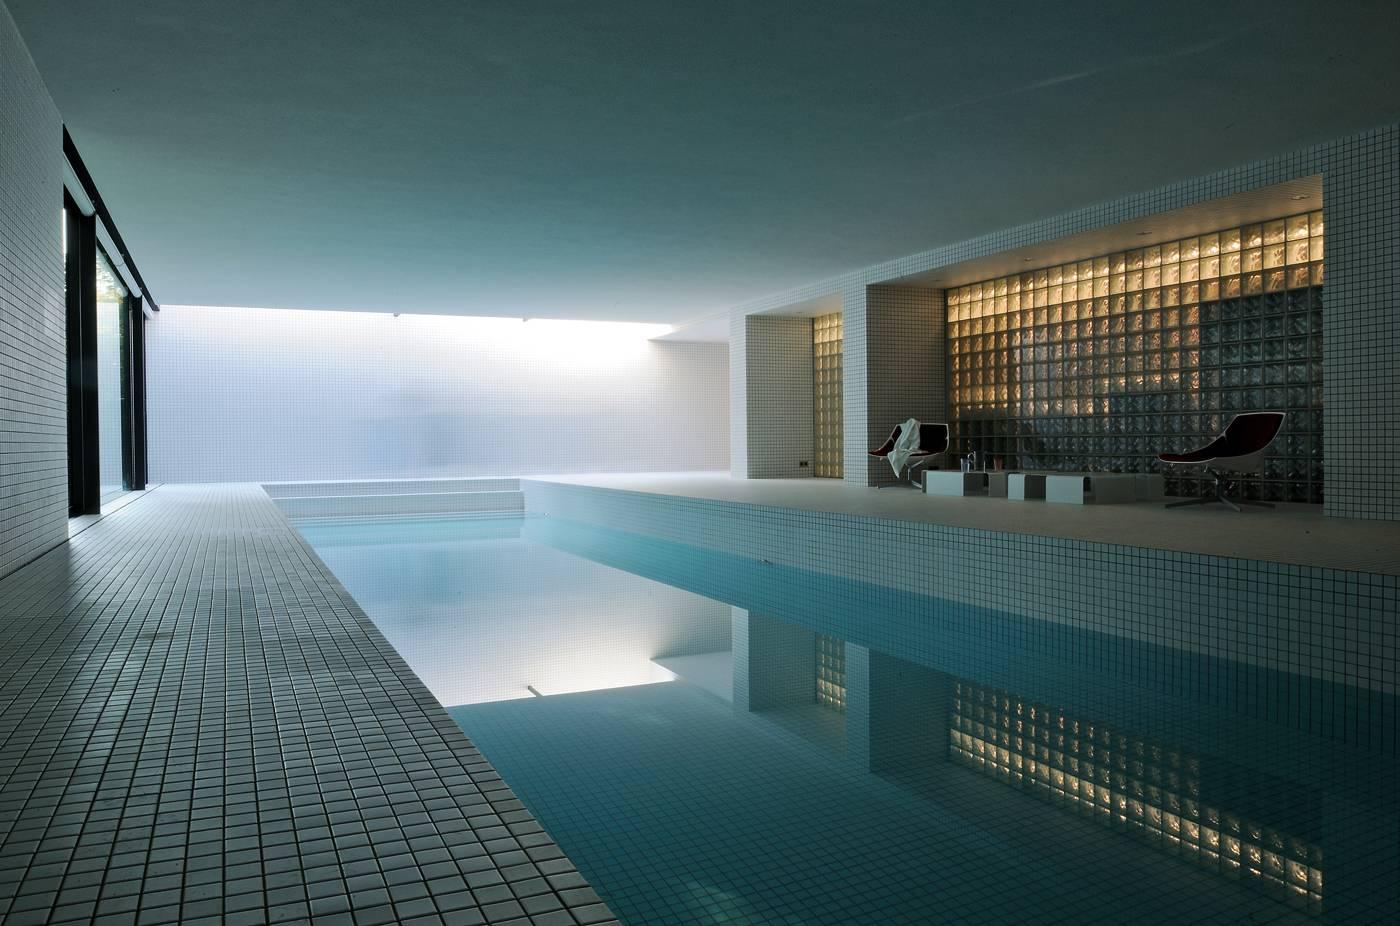 L 39 architecte marc corbiau et le luxe de l 39 espace id es - Residence avec piscine interieure ...